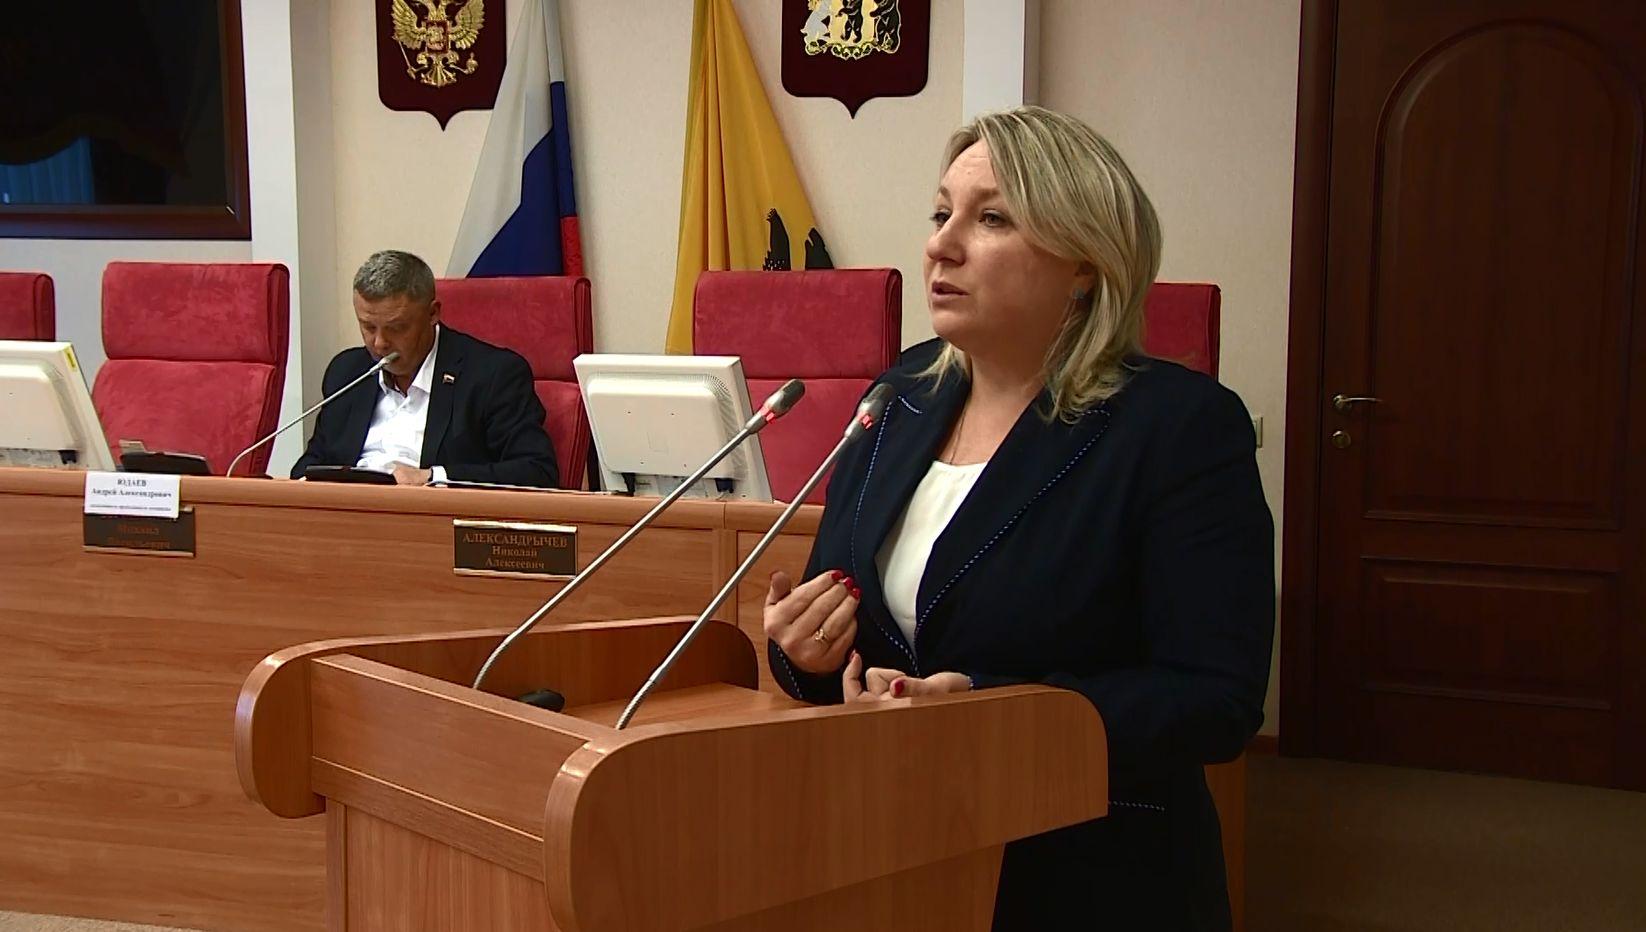 Эффективность работы регионального Управления Почты России обсудили сегодня в Ярославской областной Думе